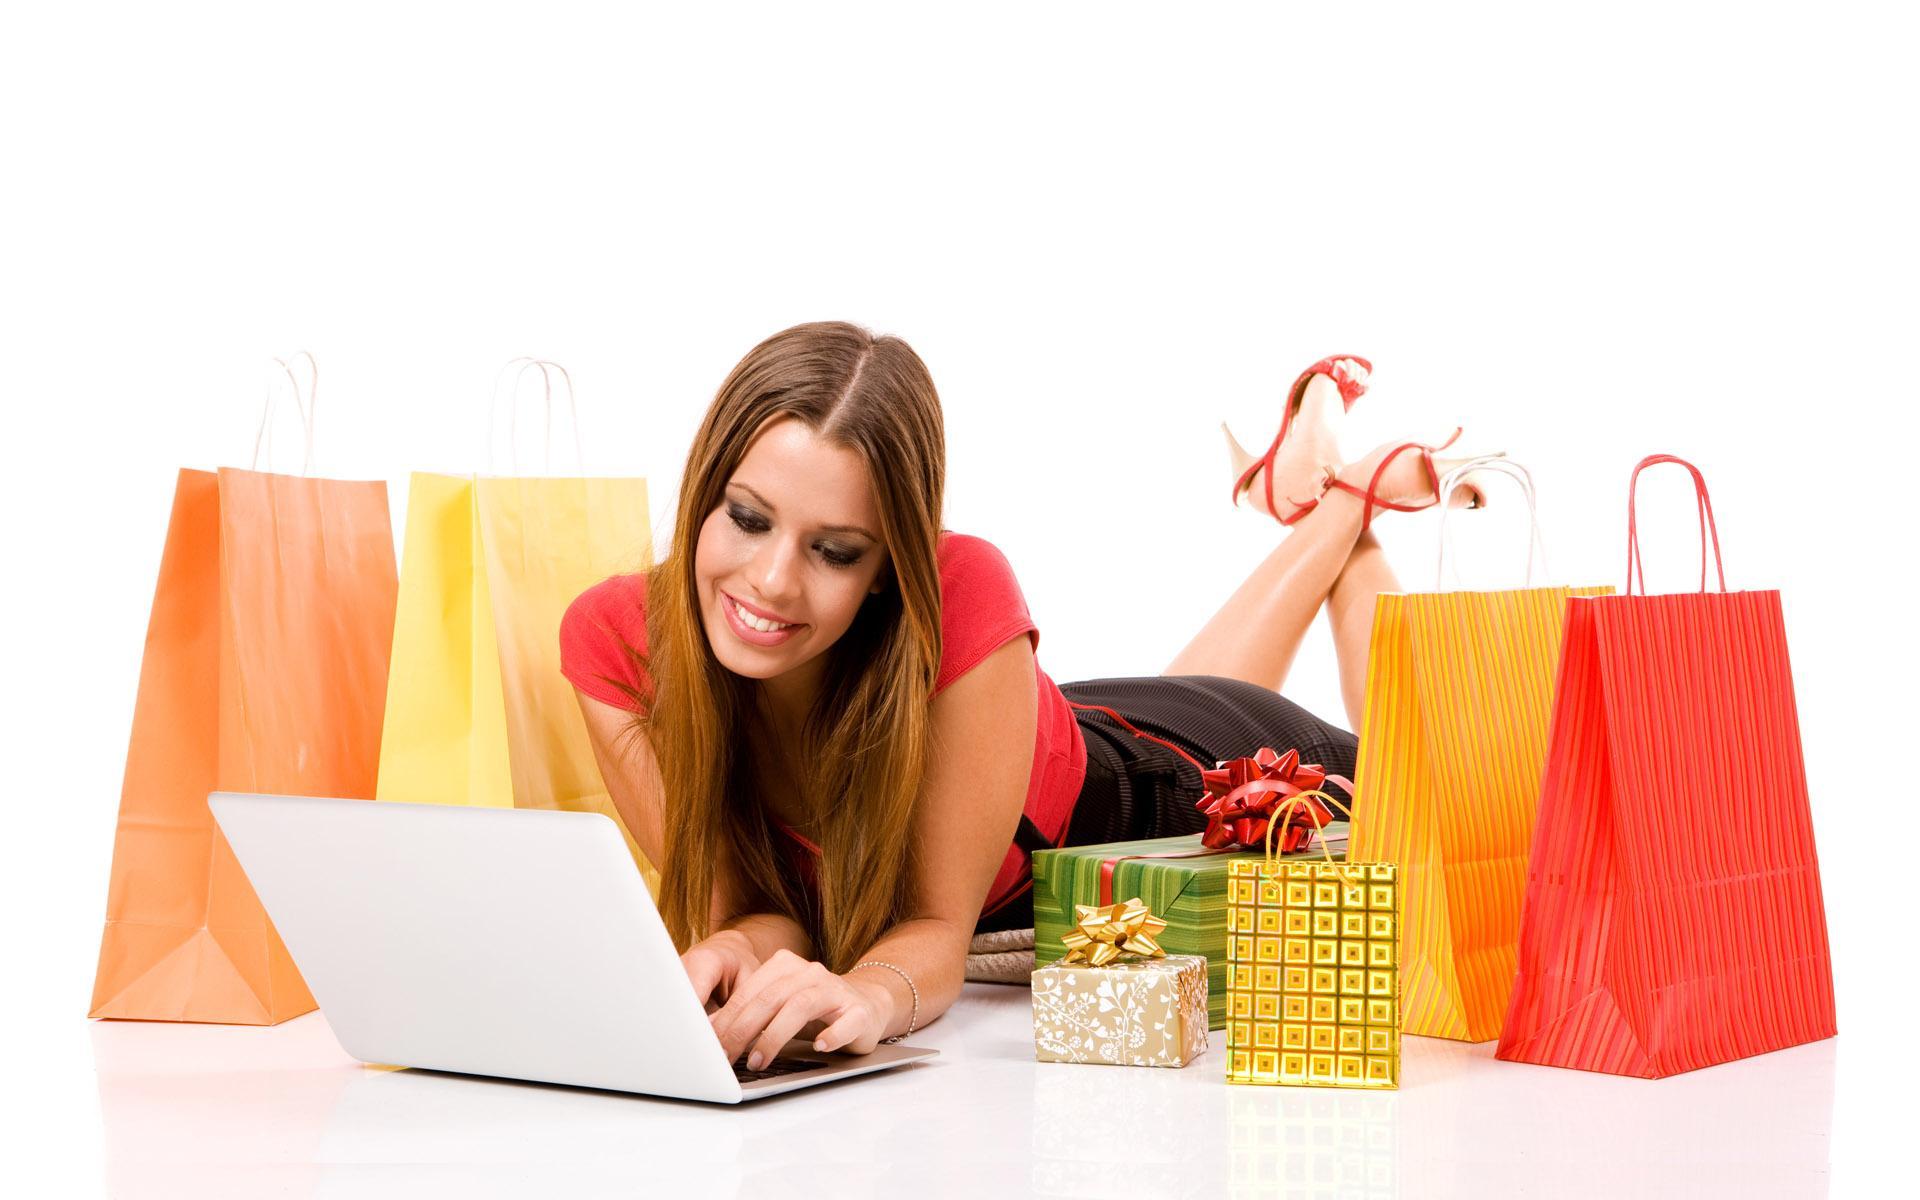 Онлайн магазин картинка